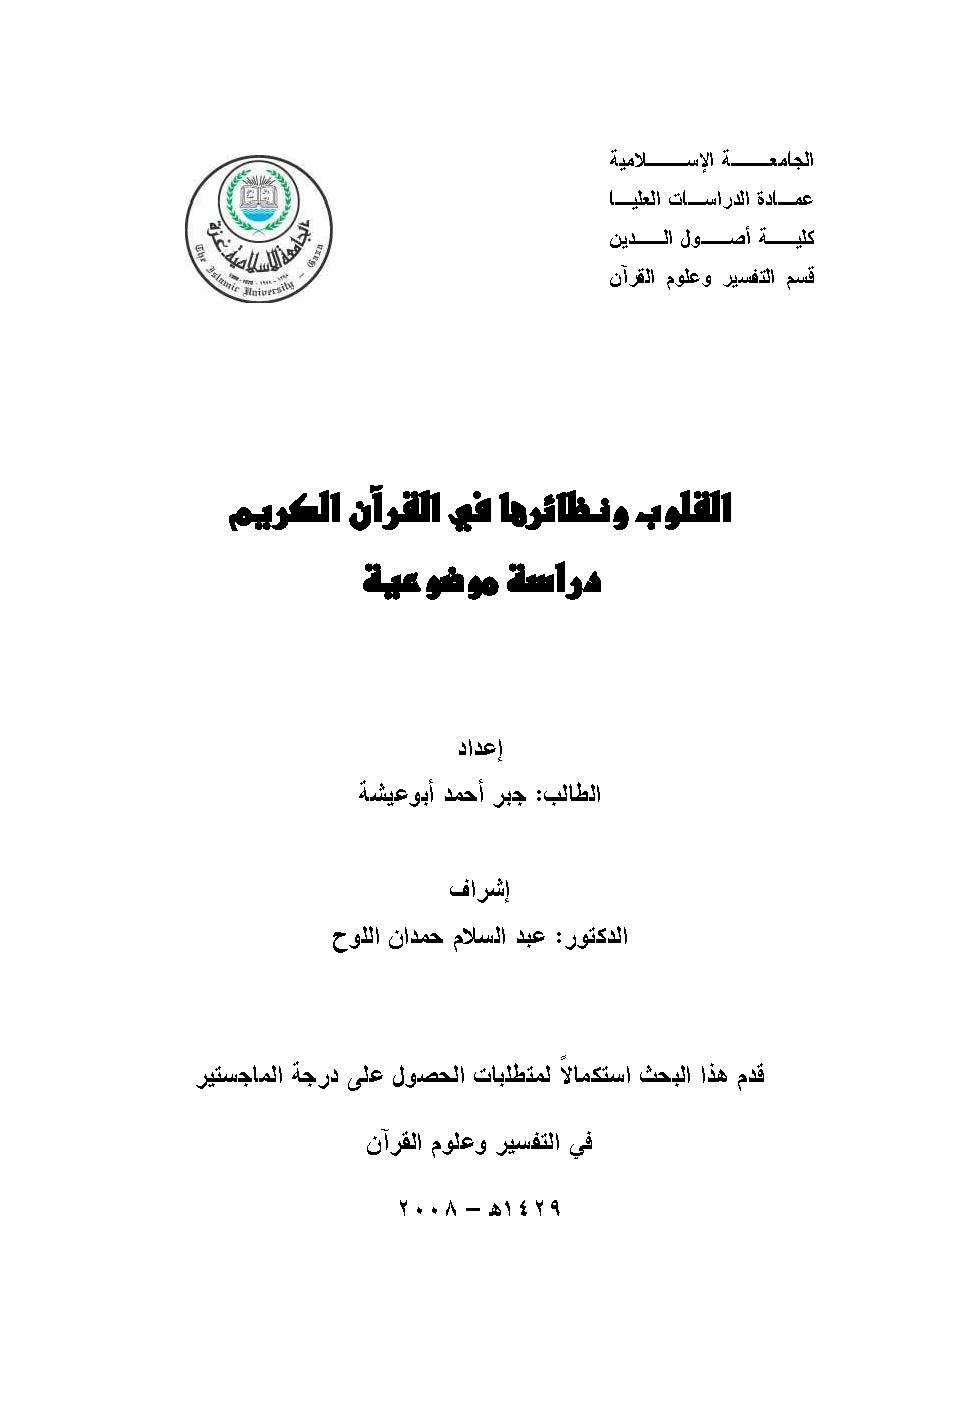 تحميل كتاب القلوب ونظائرها في القرآن الكريم (دراسة موضوعية) لـِ: جبر أحمد إبراهيم أبو عيشة